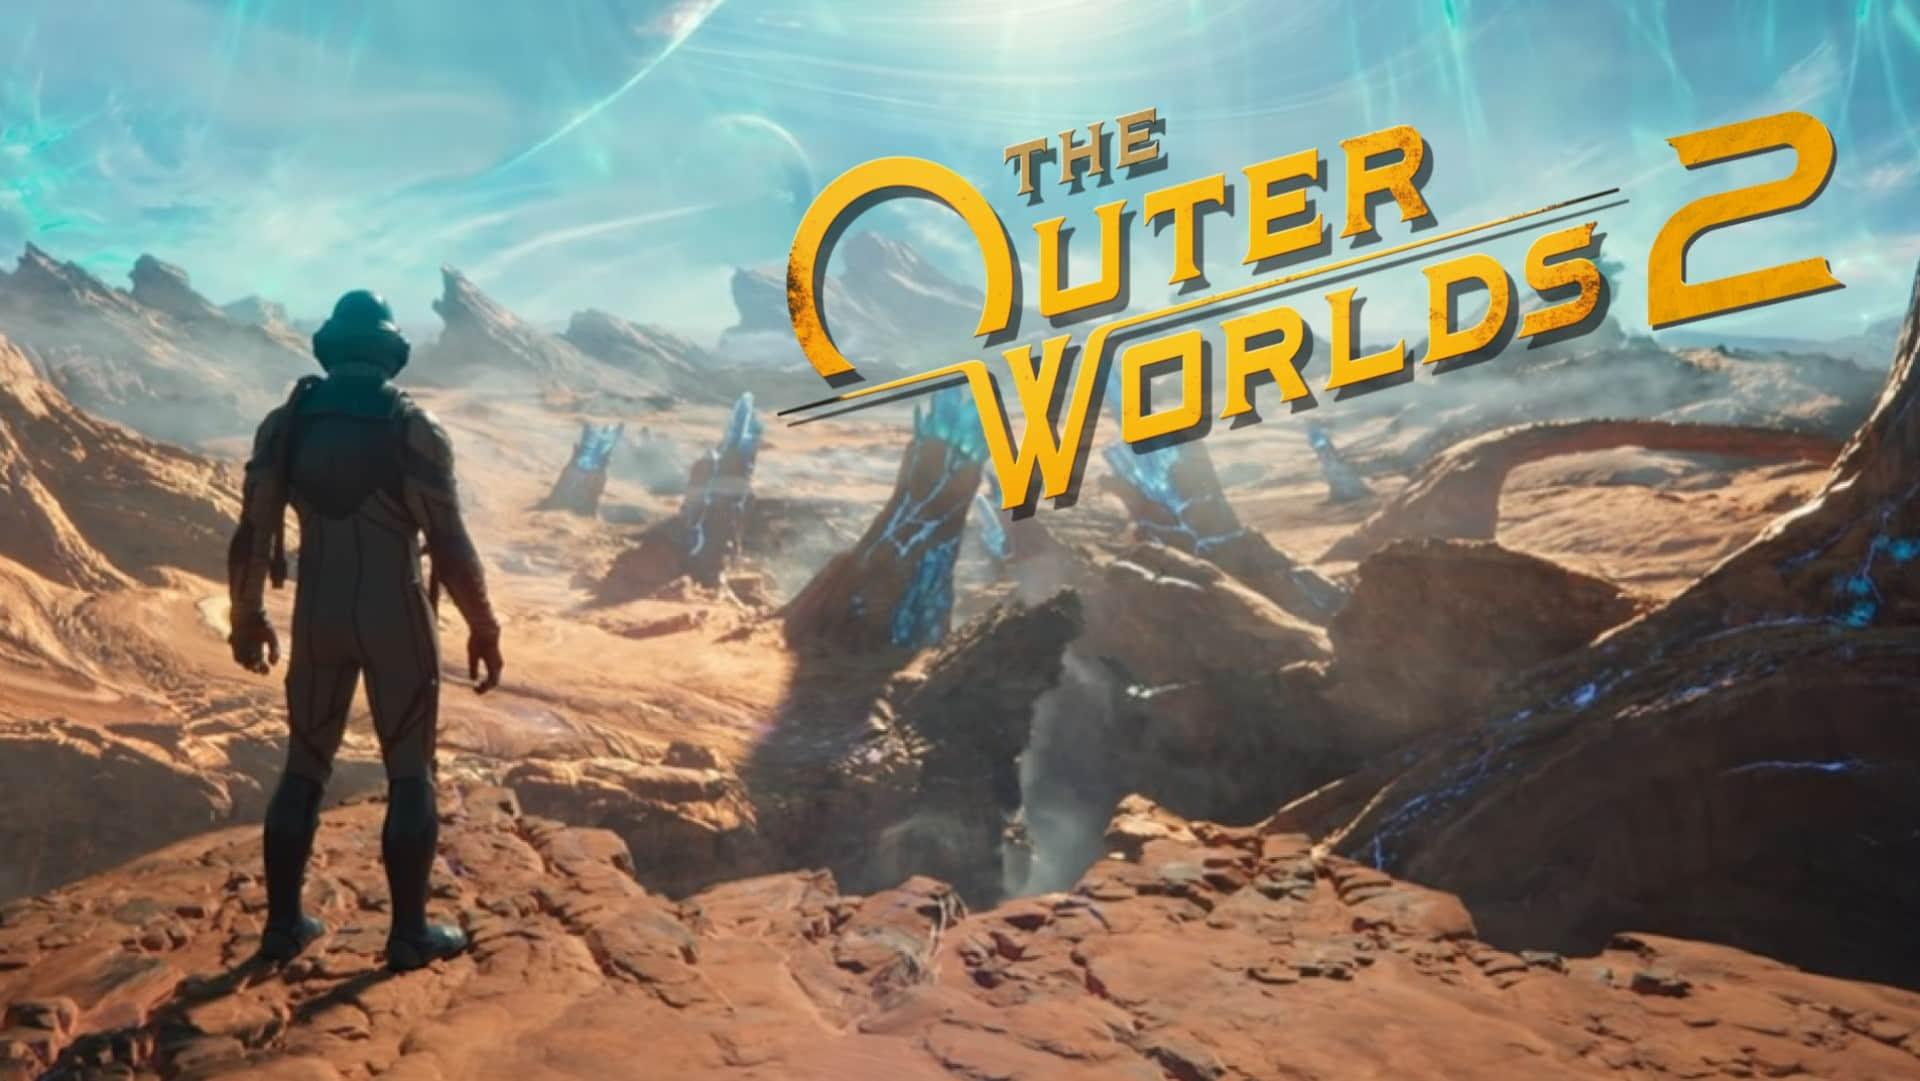 The Outer Worlds 2 podría usar Unreal Engine 5 según un anuncio de trabajo 11